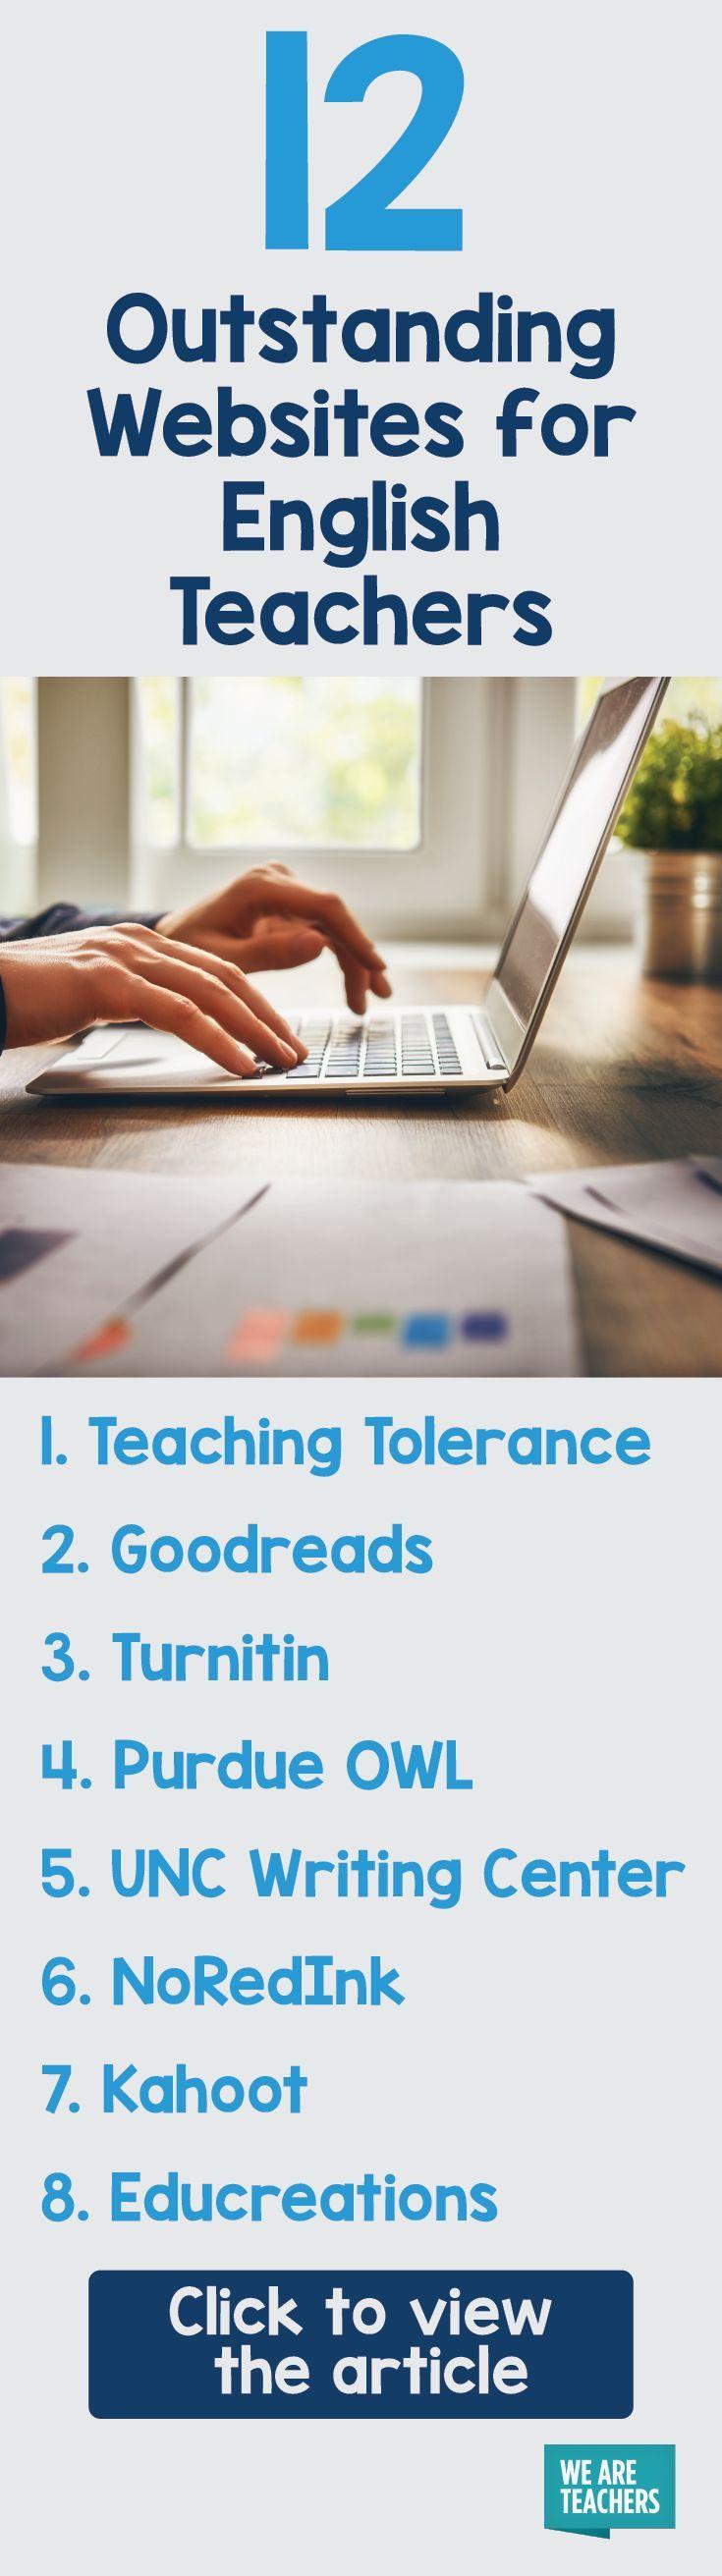 Best Websites for English Teachers ... Share the List! - WeAreTeachers     Ideas, inspiration and resources for teaching GCSE English    www.gcse-english.com   